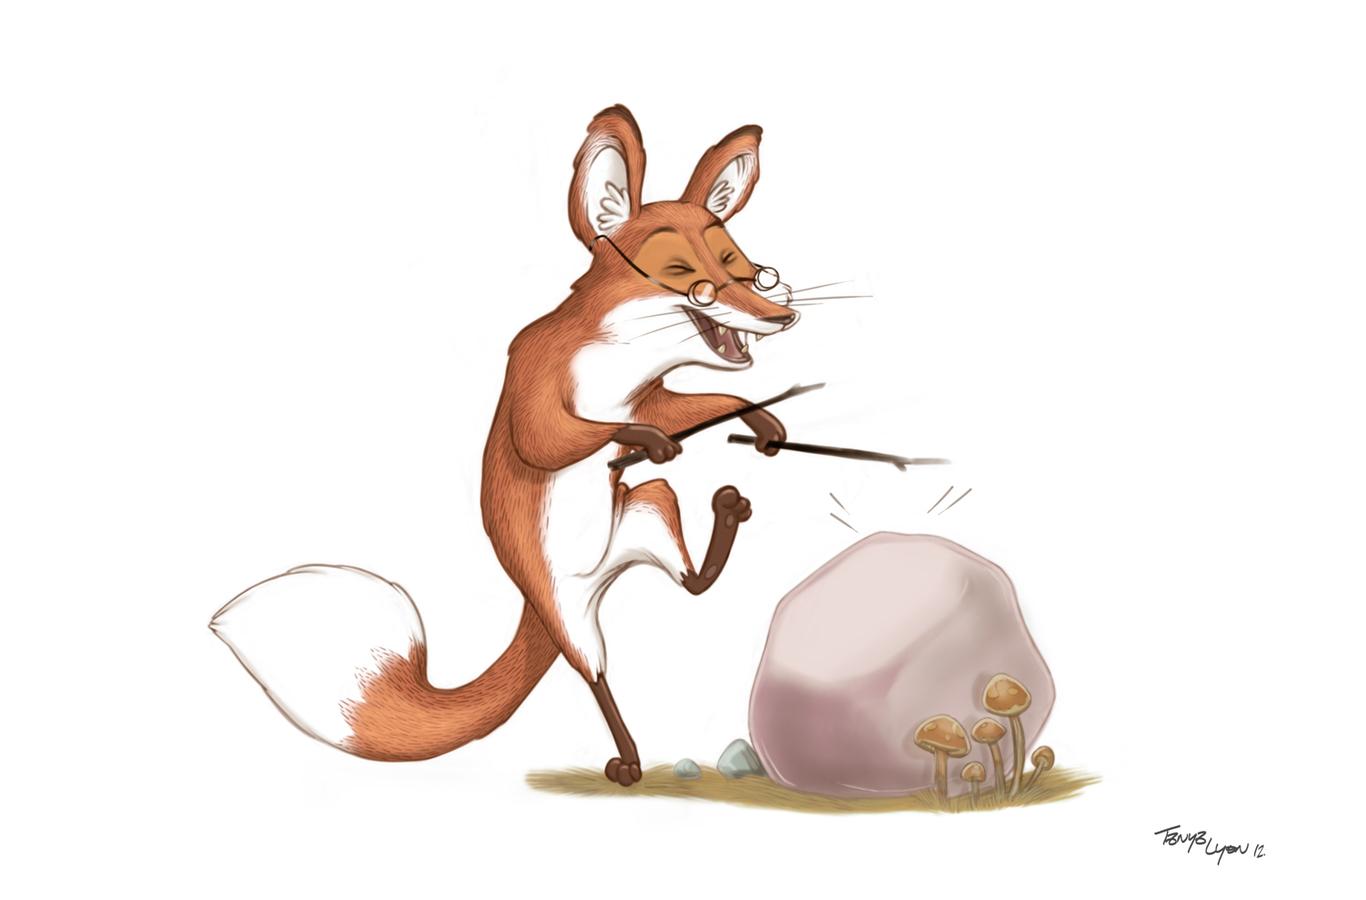 Tanya groovy mr fox 1 ad3a9feb 6w1k